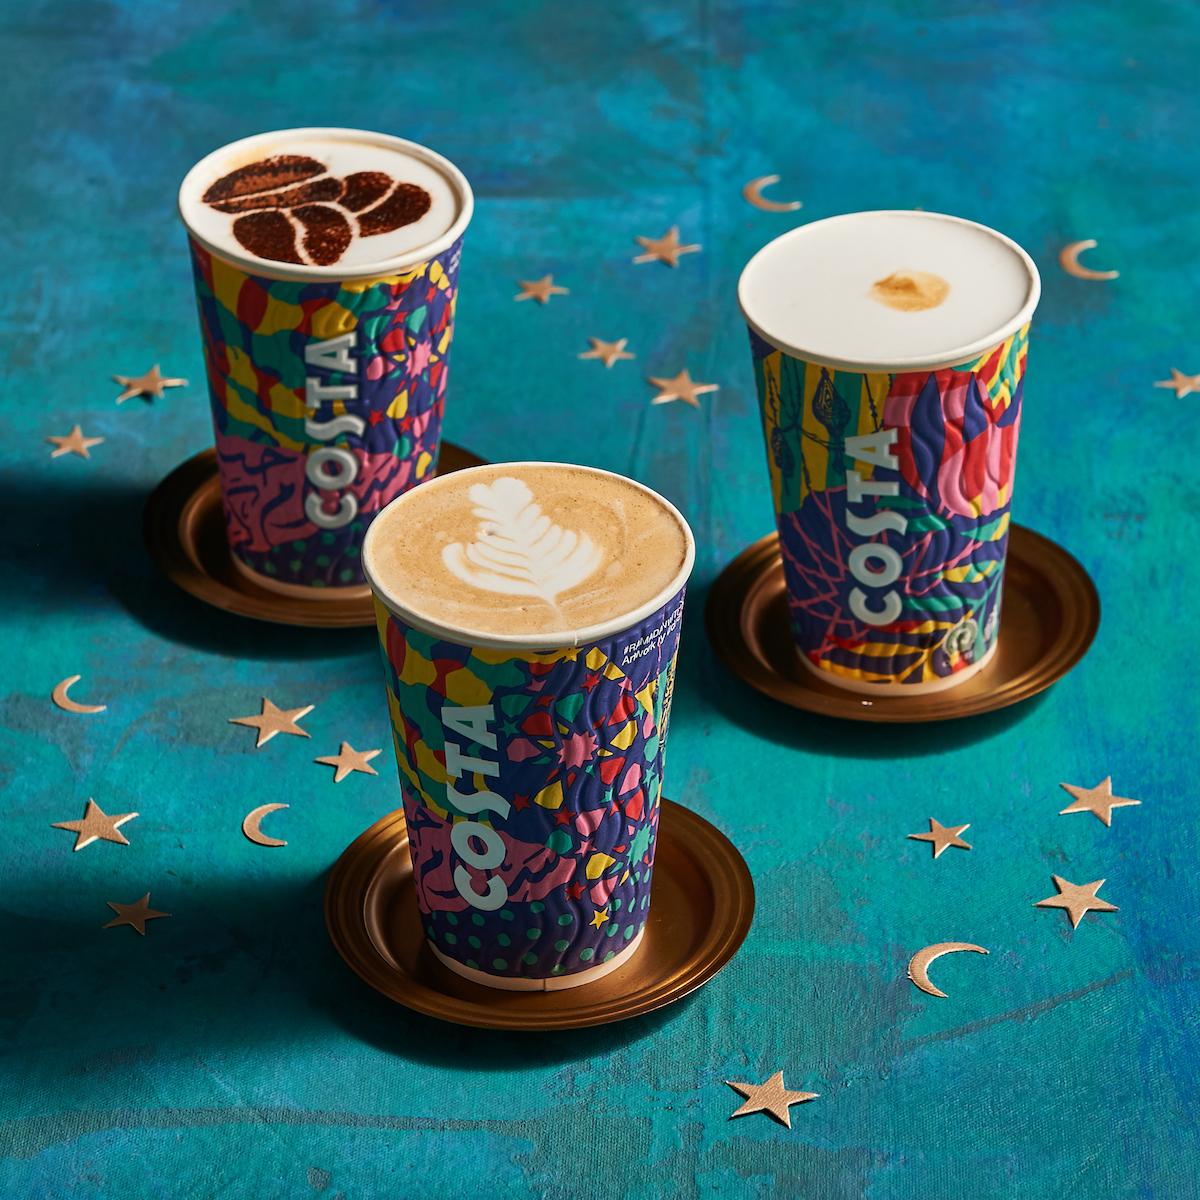 مقهى كوستا كوفي يقدم أشهى الأطايب بلمسة رمضانية طوال الشهر الفاضل